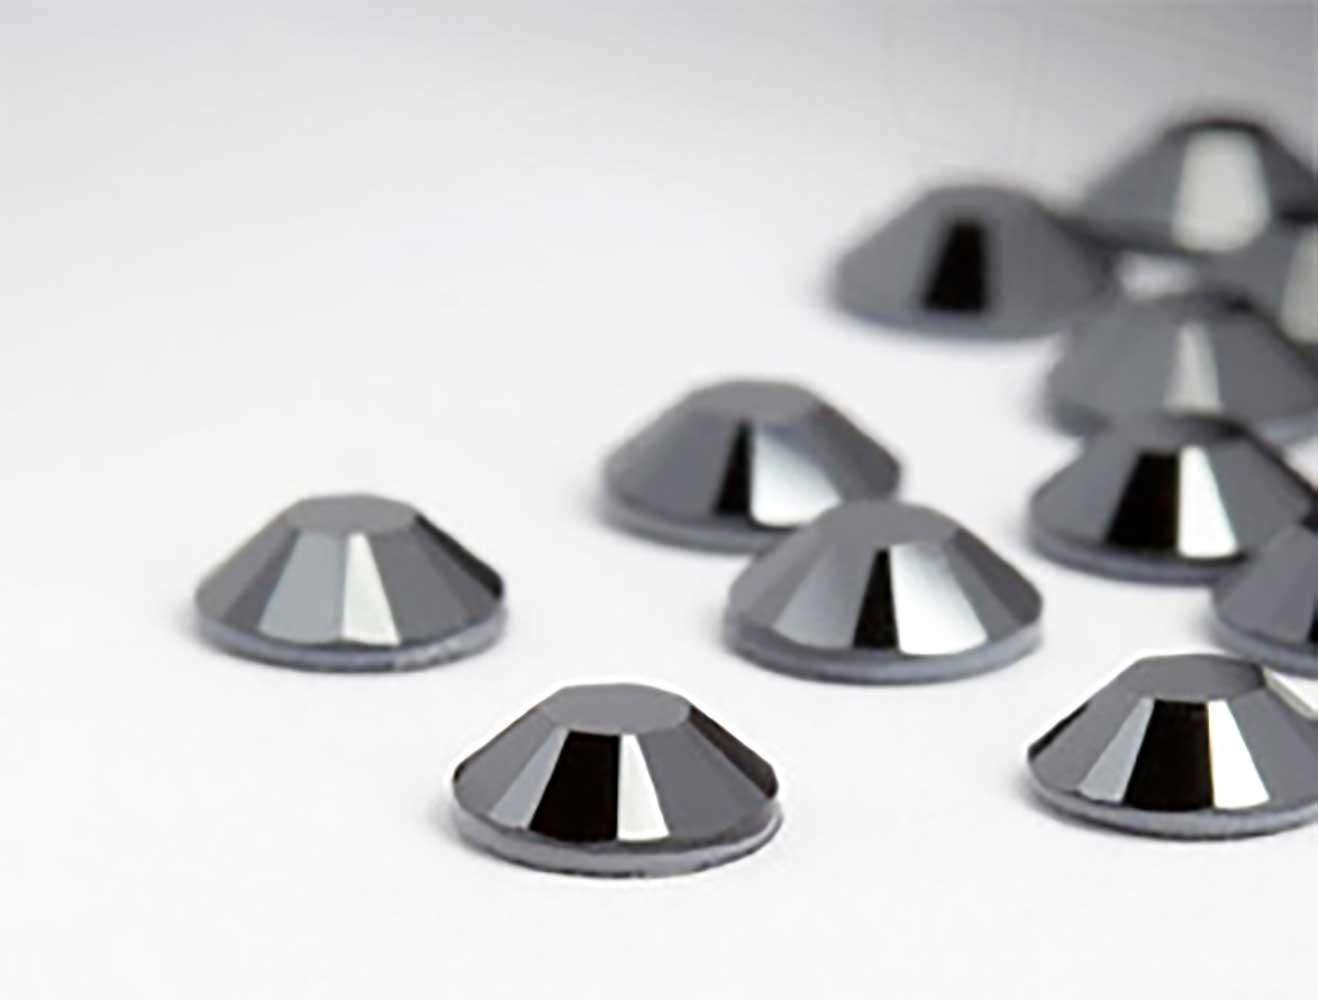 strasssteine-no-hotfix-von-swarovski-elements-ss-7-2-2mm-jet-hematite-restposten-200-stuck